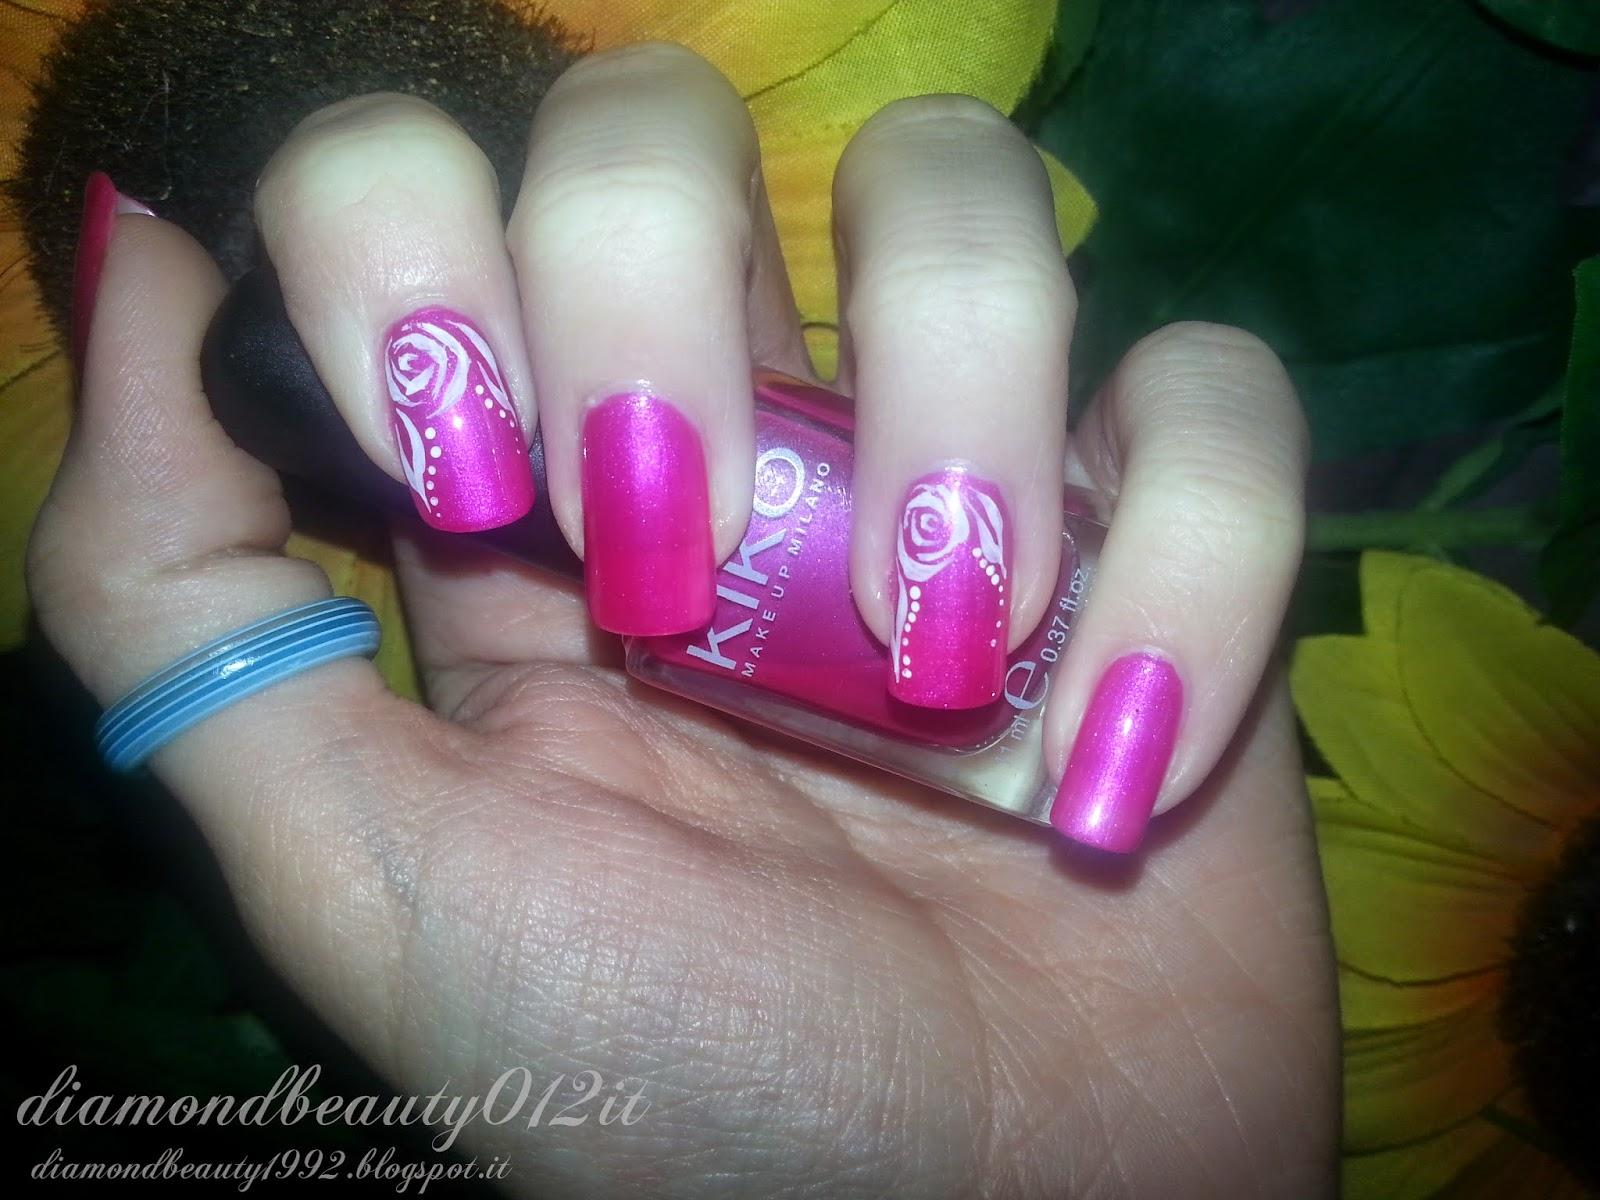 micropittura su unghie rosa stilizzata